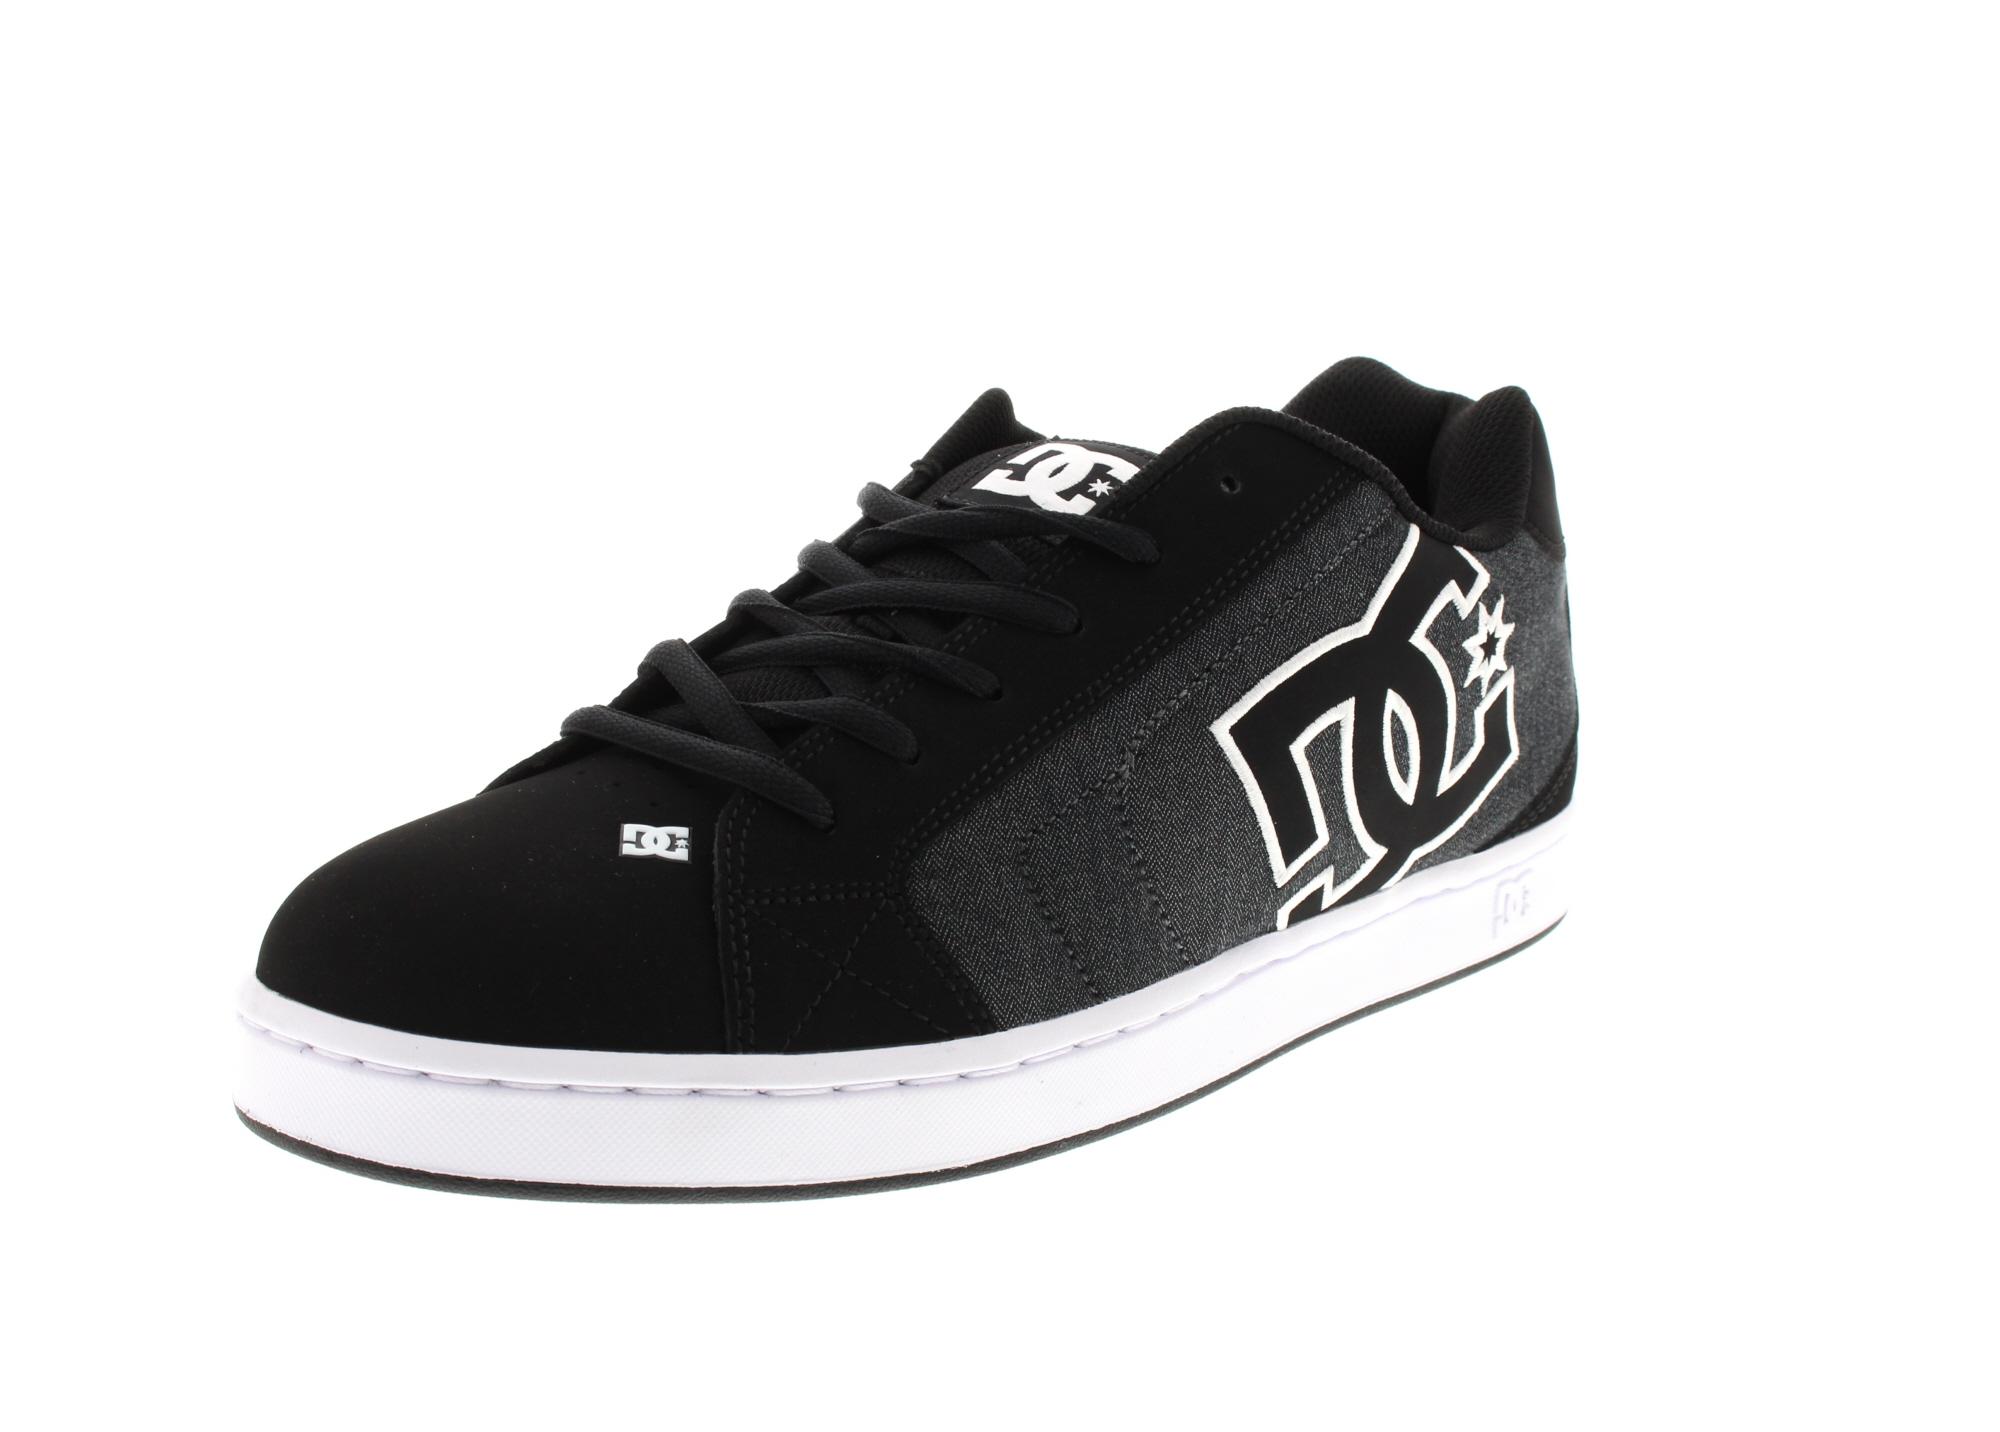 DC Sneakers in Übergrößen - NET SE - black destroy wash